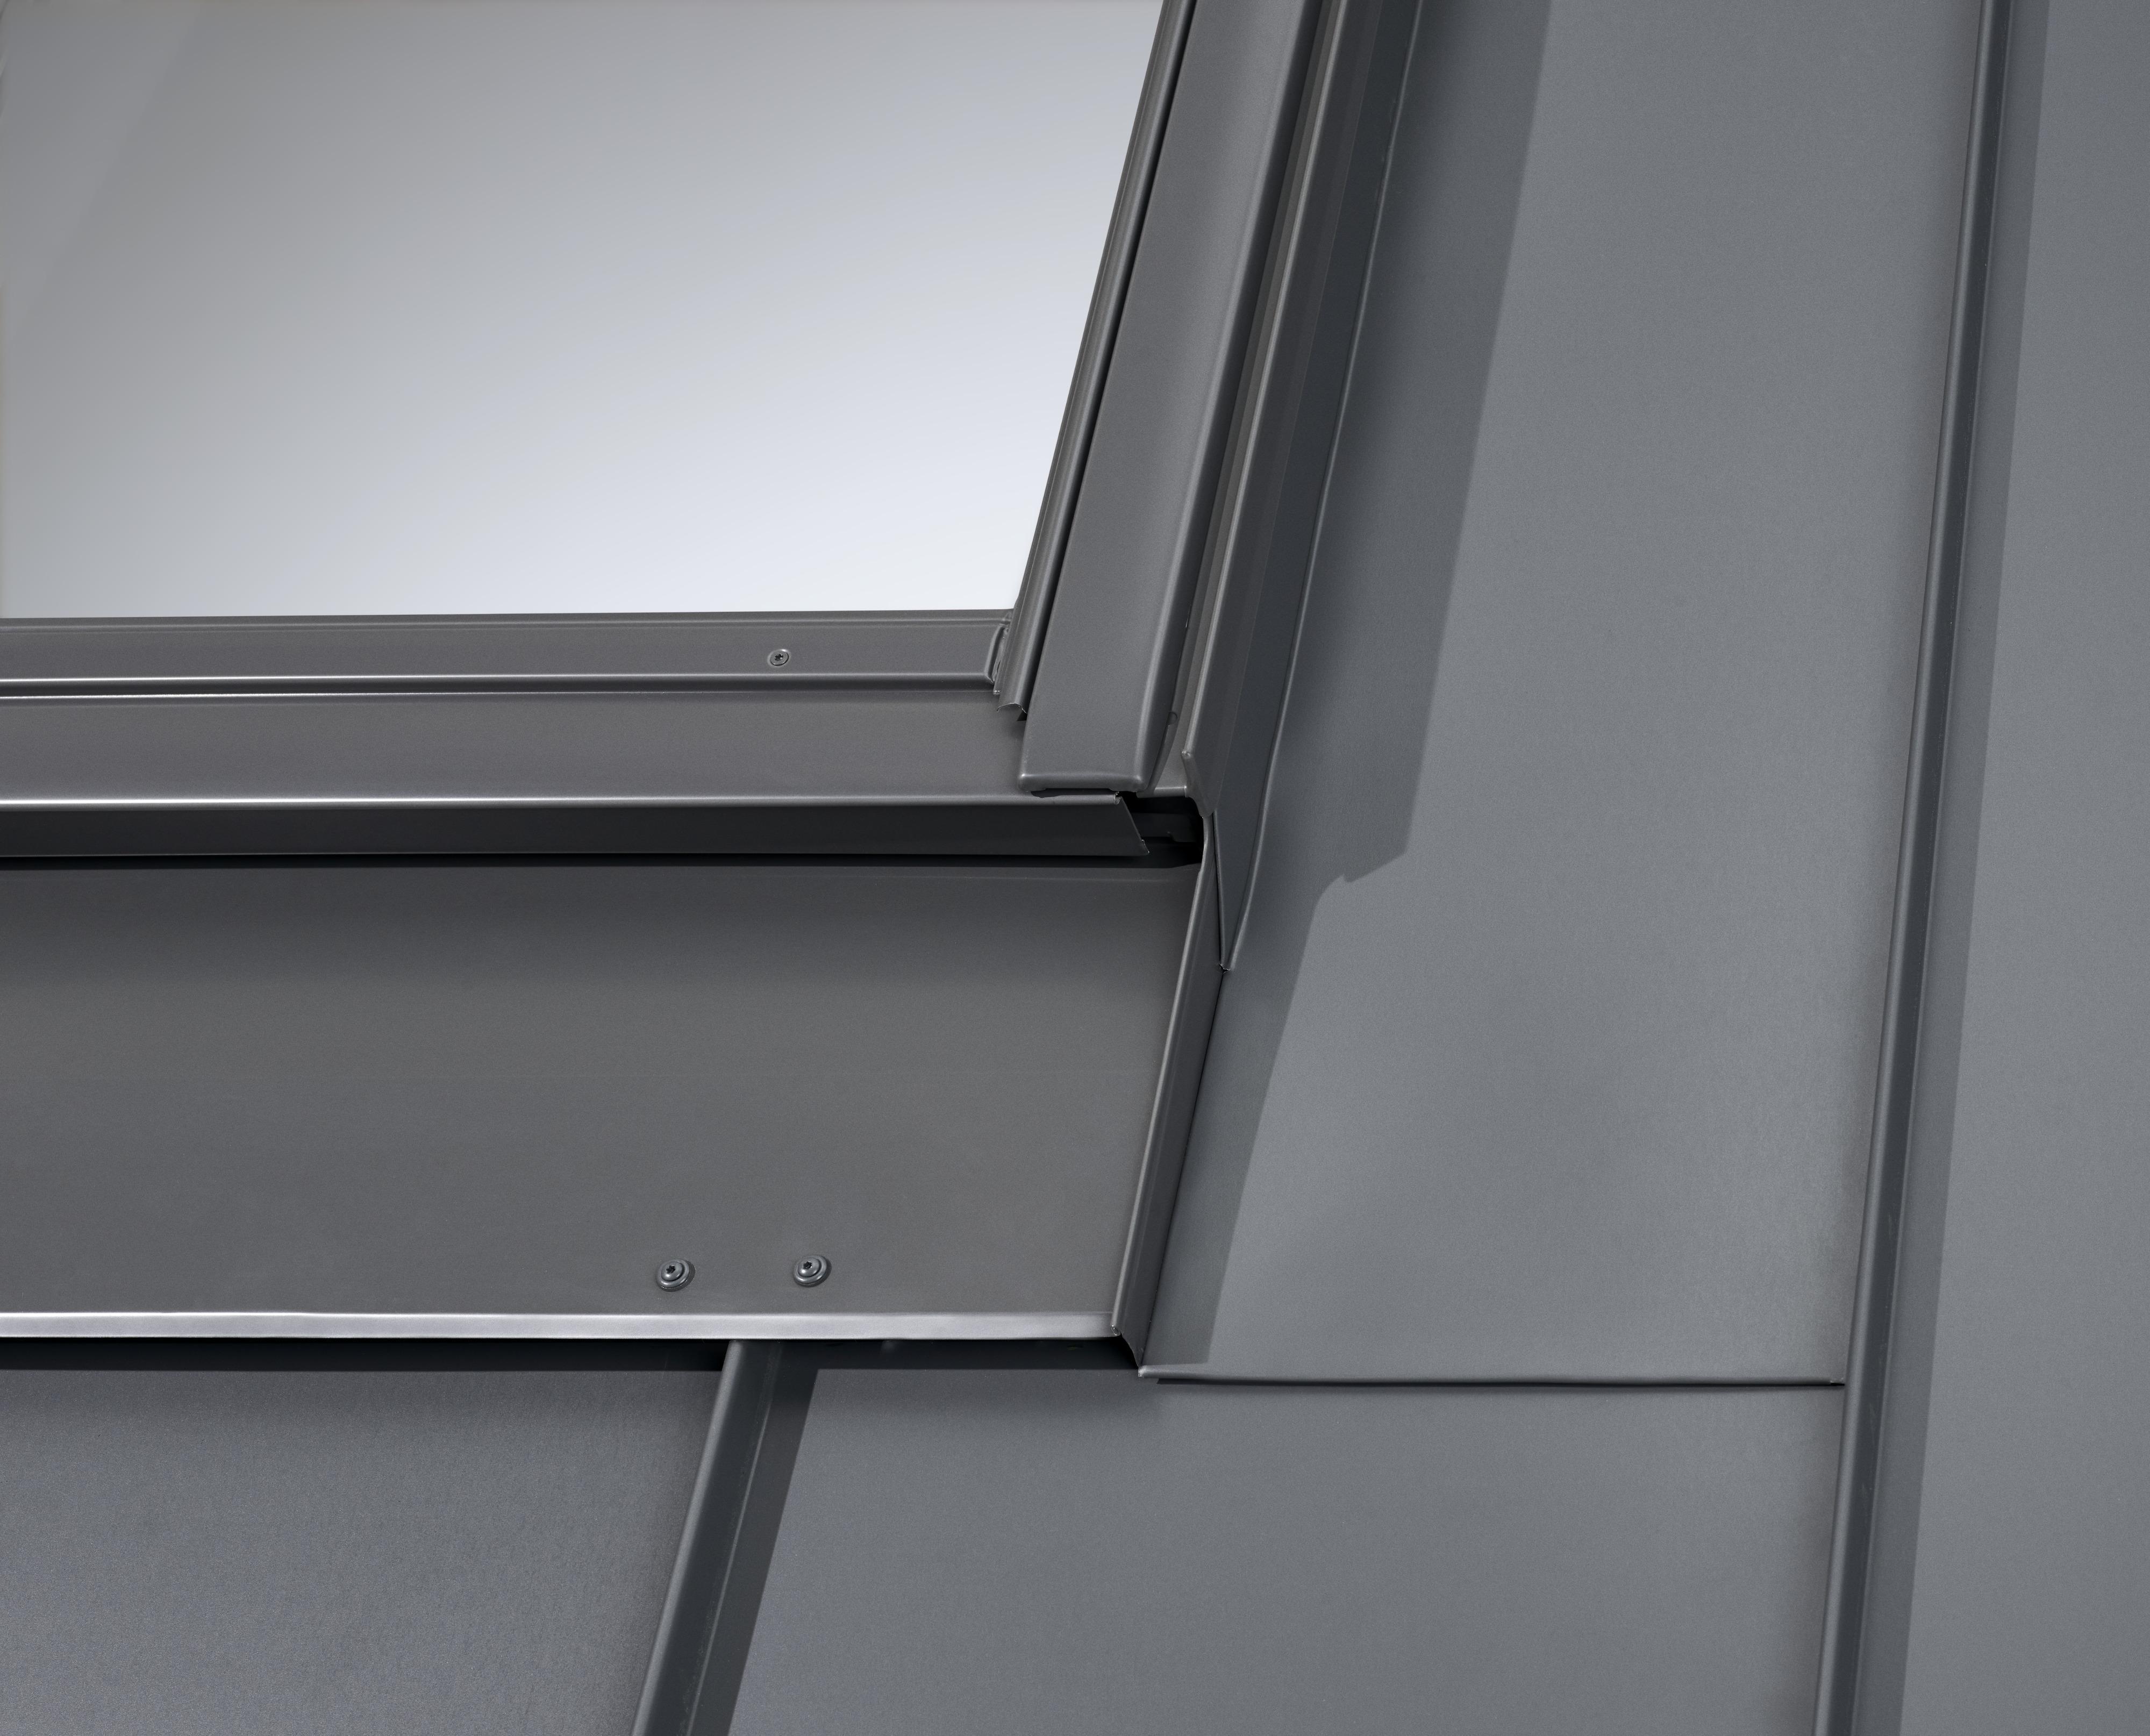 montaz-okna.jpeg